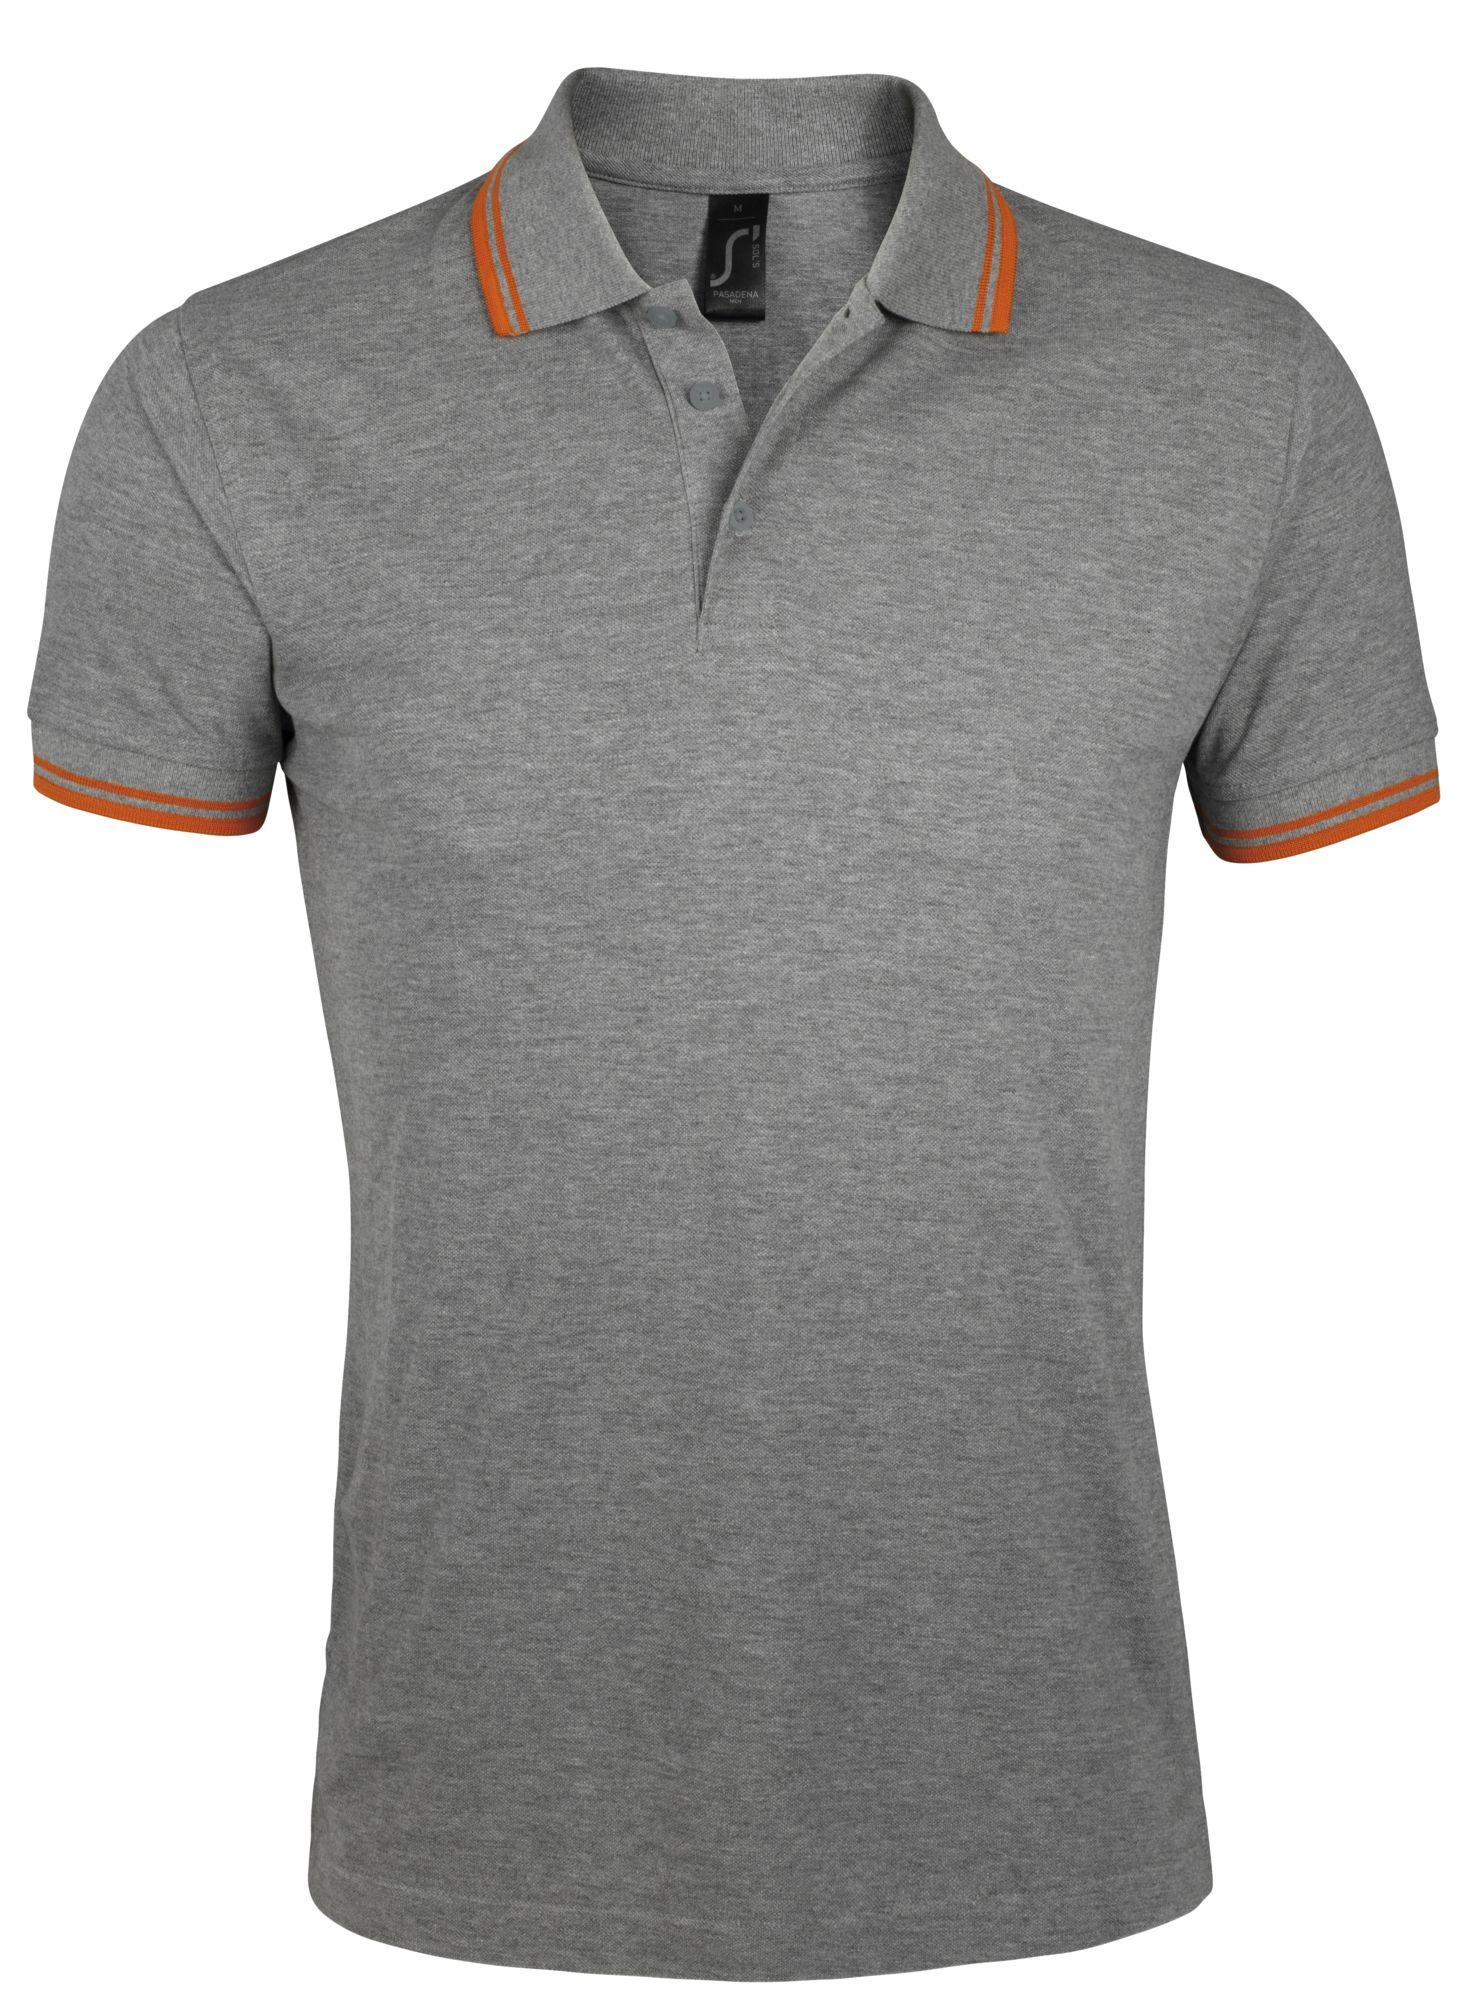 Рубашка поло мужская PASADENA MEN 200, серый меланж c оранжевым